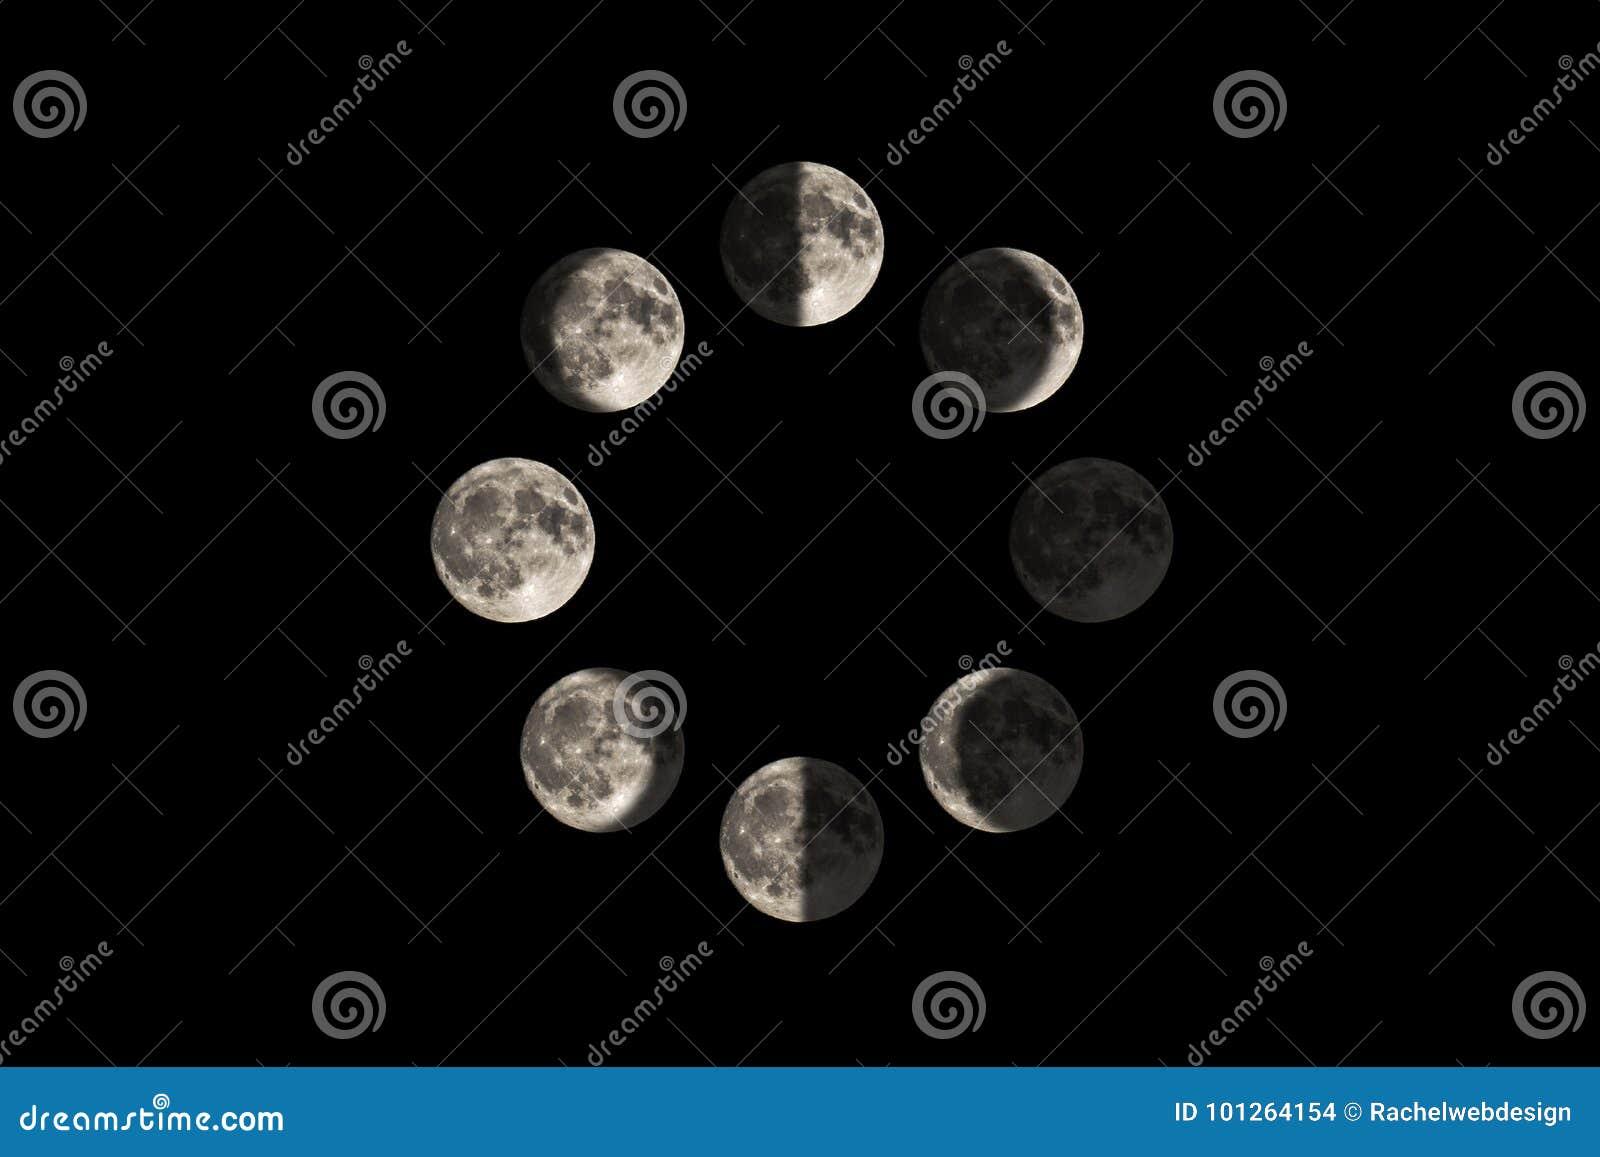 Moon Diagram